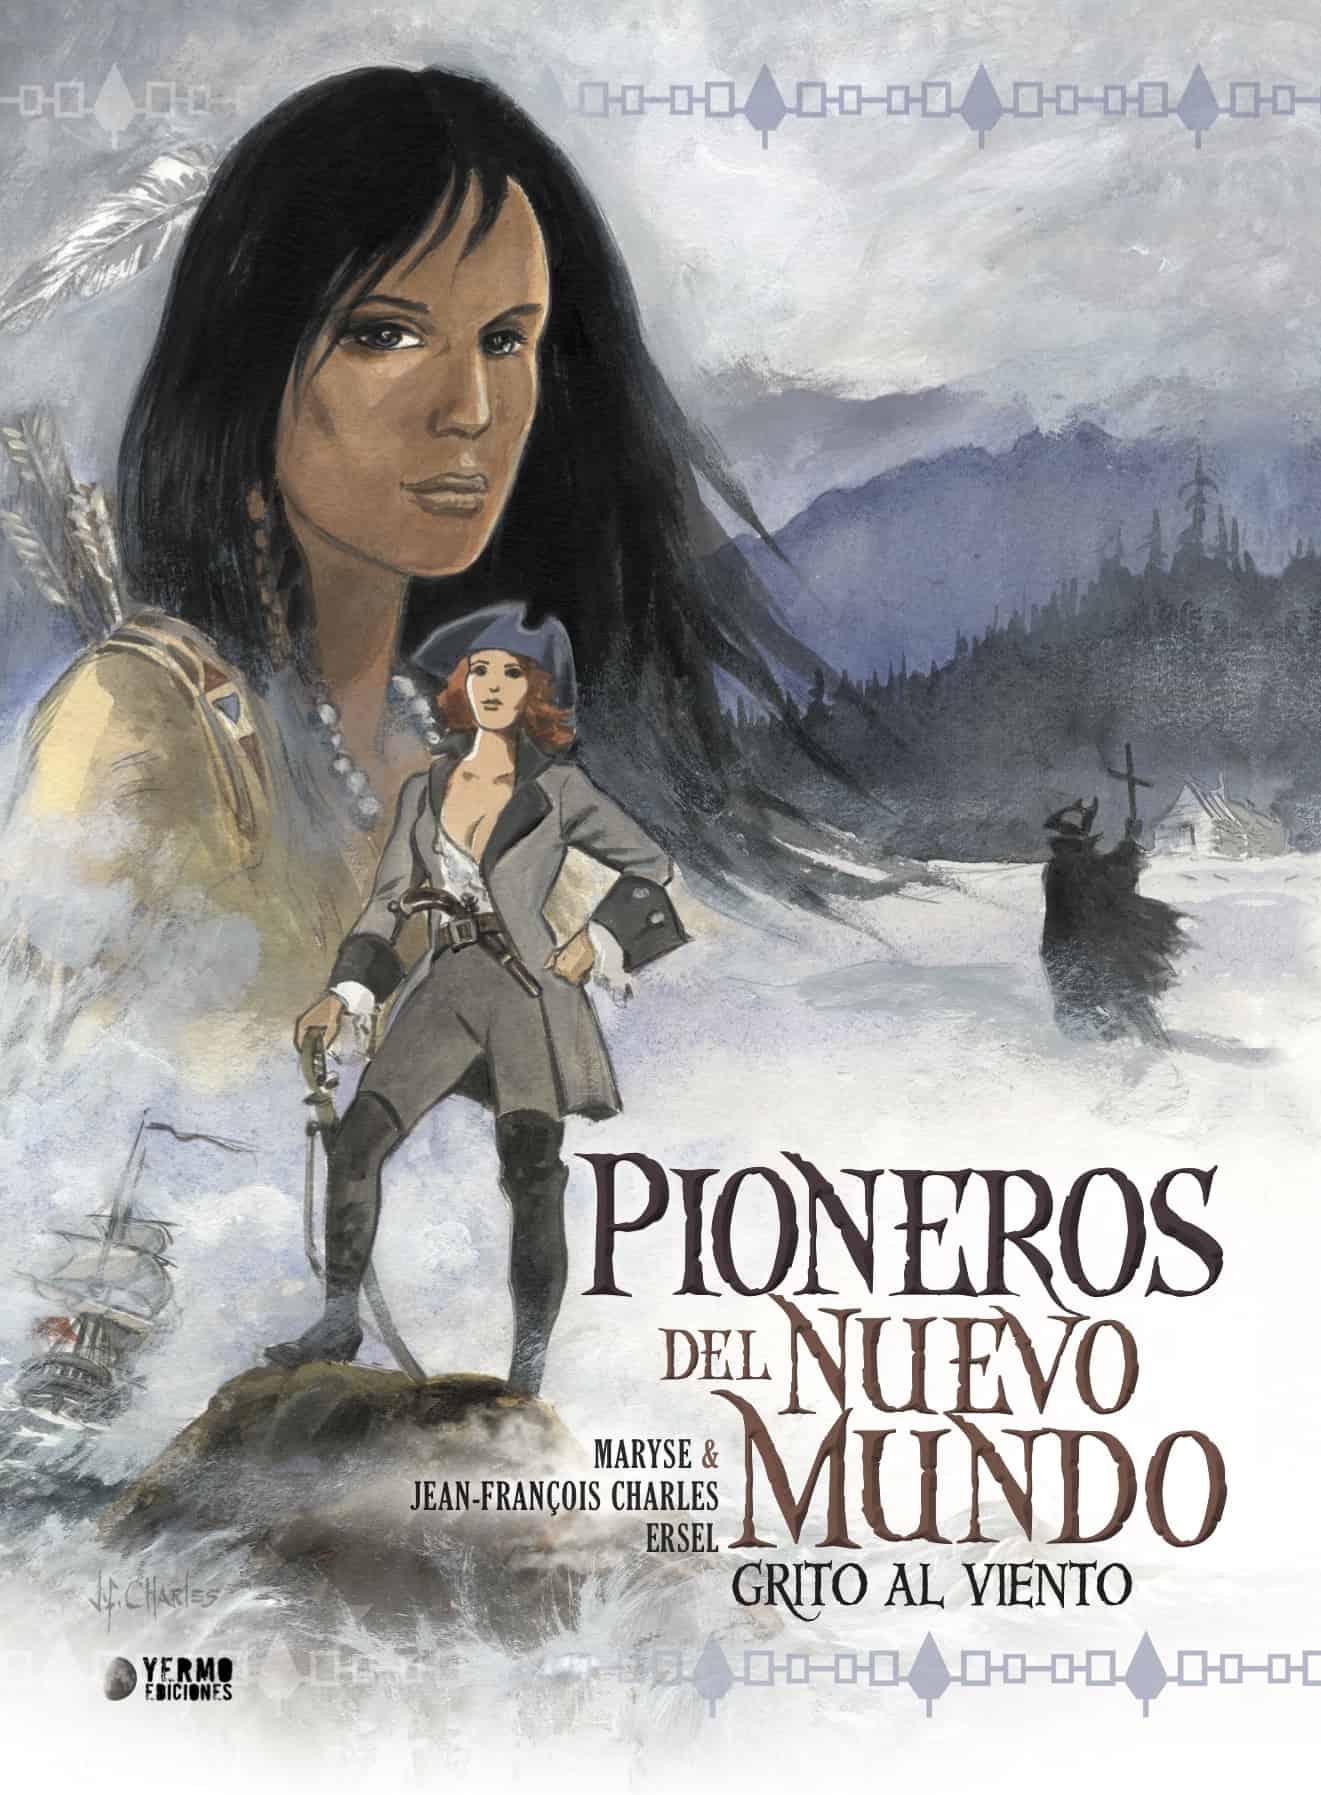 PIONEROS DEL NUEVO MUNDO 2: GRITO AL VIENTO (INTEGRAL)